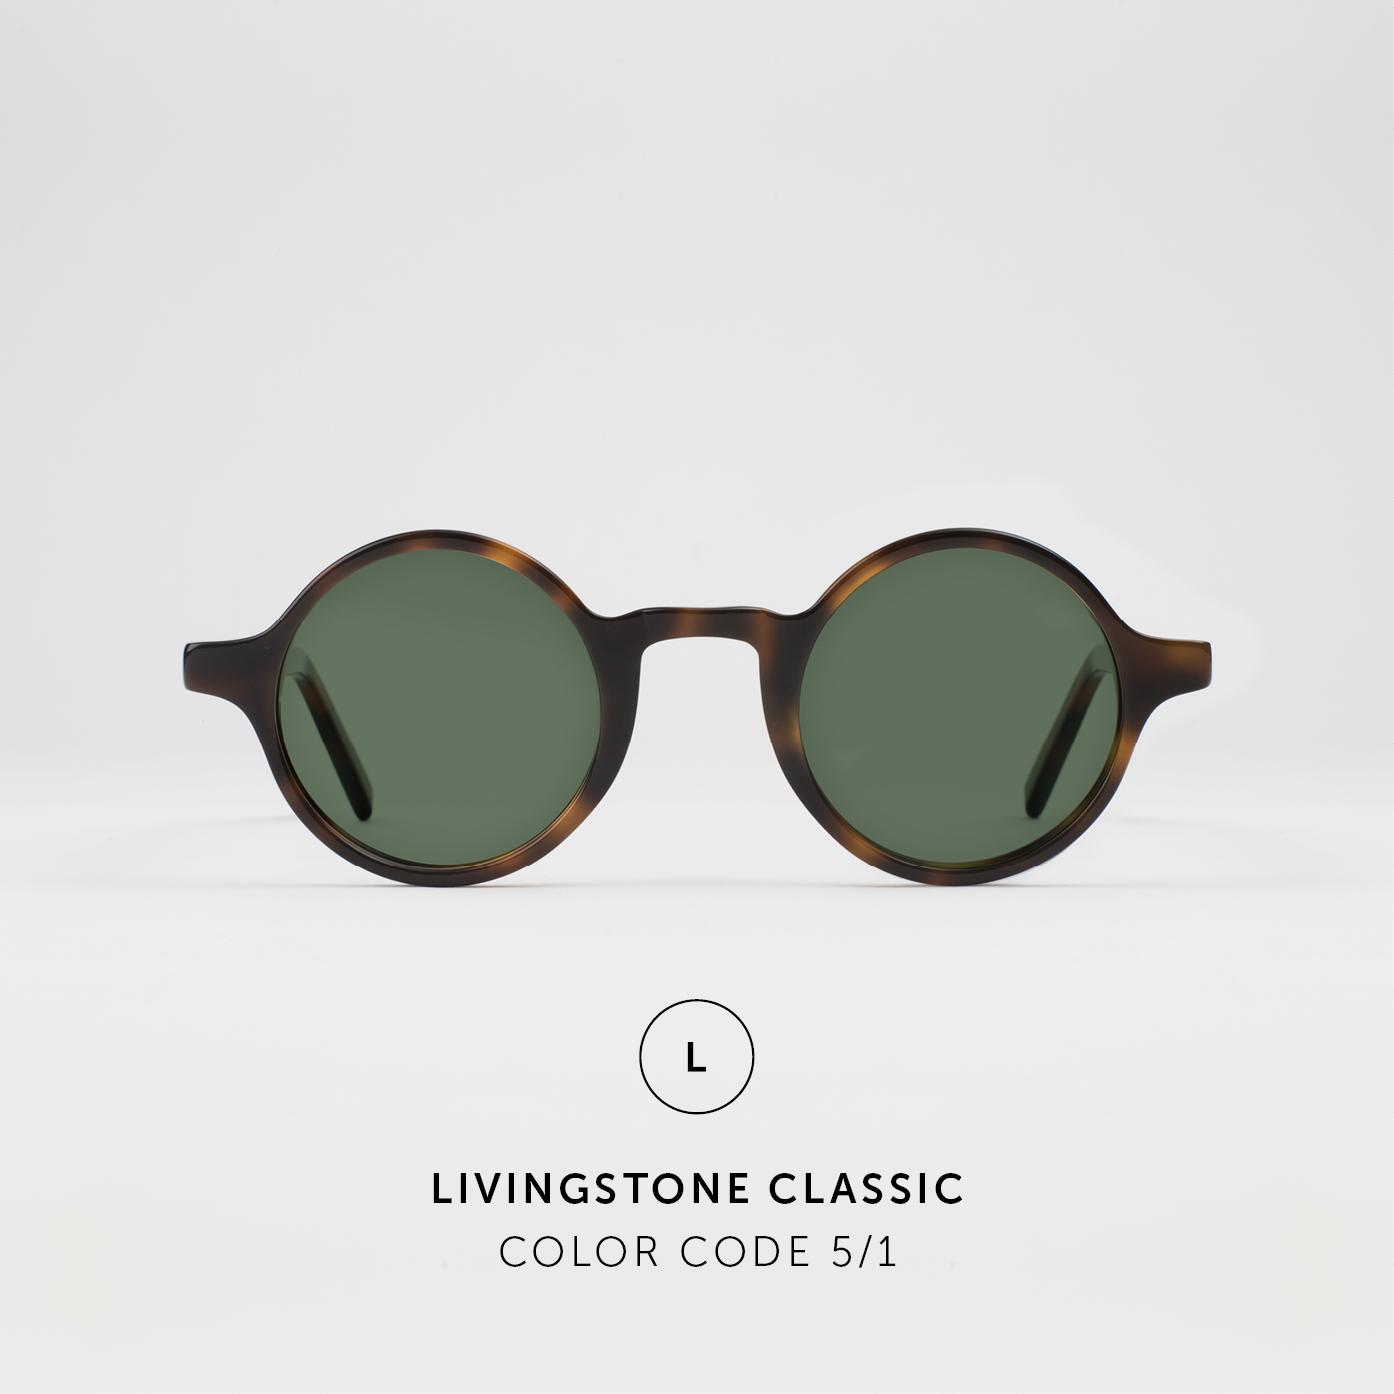 LivingstoneClassic32.jpg